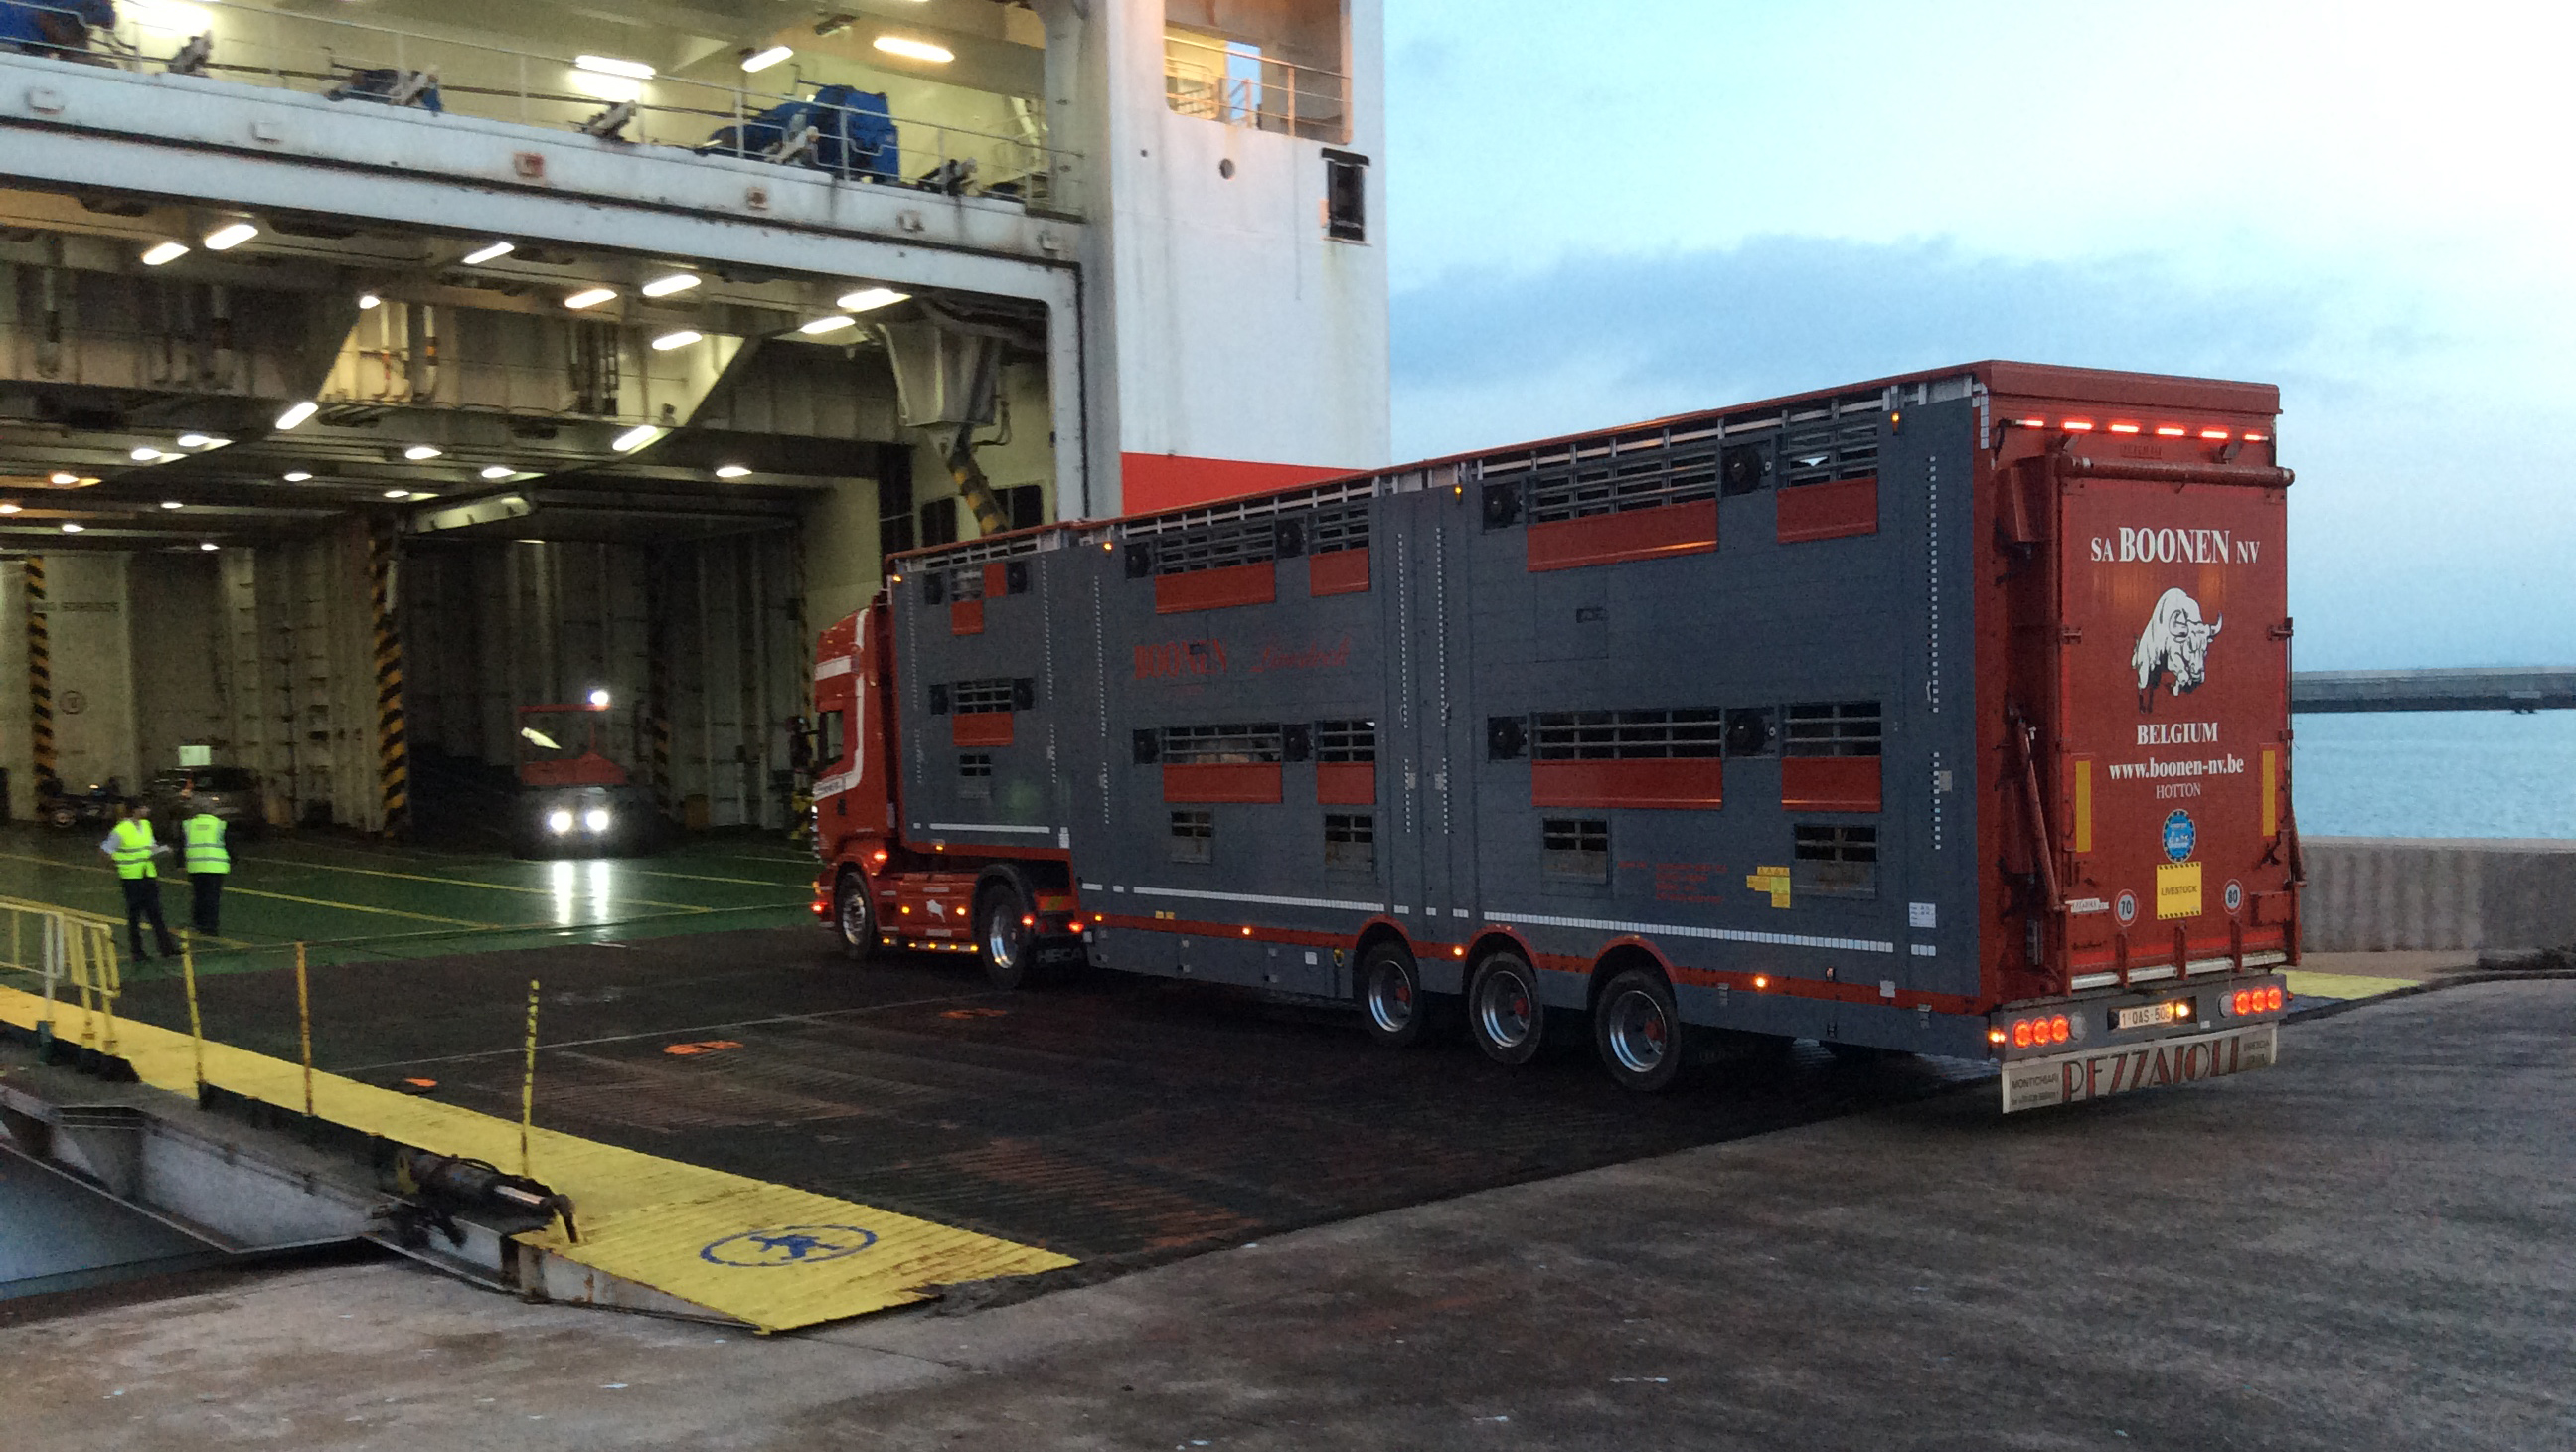 Tenerife-Connect Boonen-nv Jos runderen transport vervoer vlees